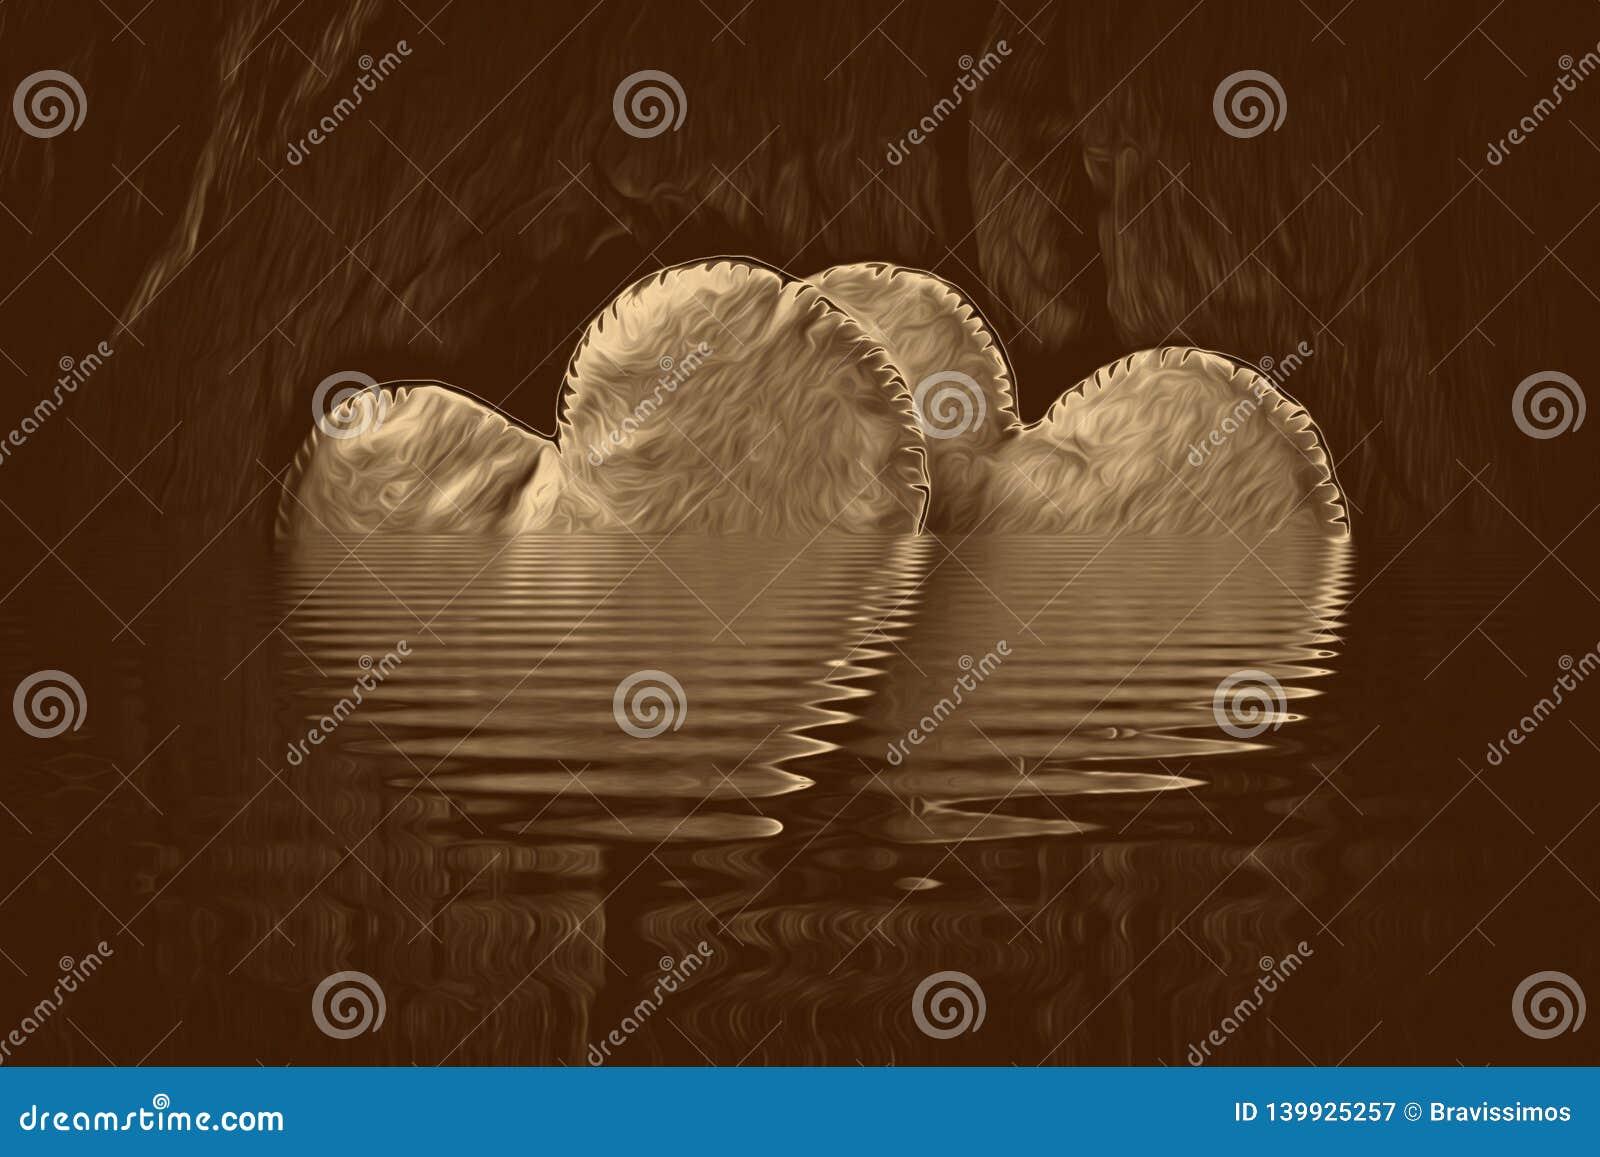 Colagem do coração do ouro para a textura da arte finala do amor, escrevendo